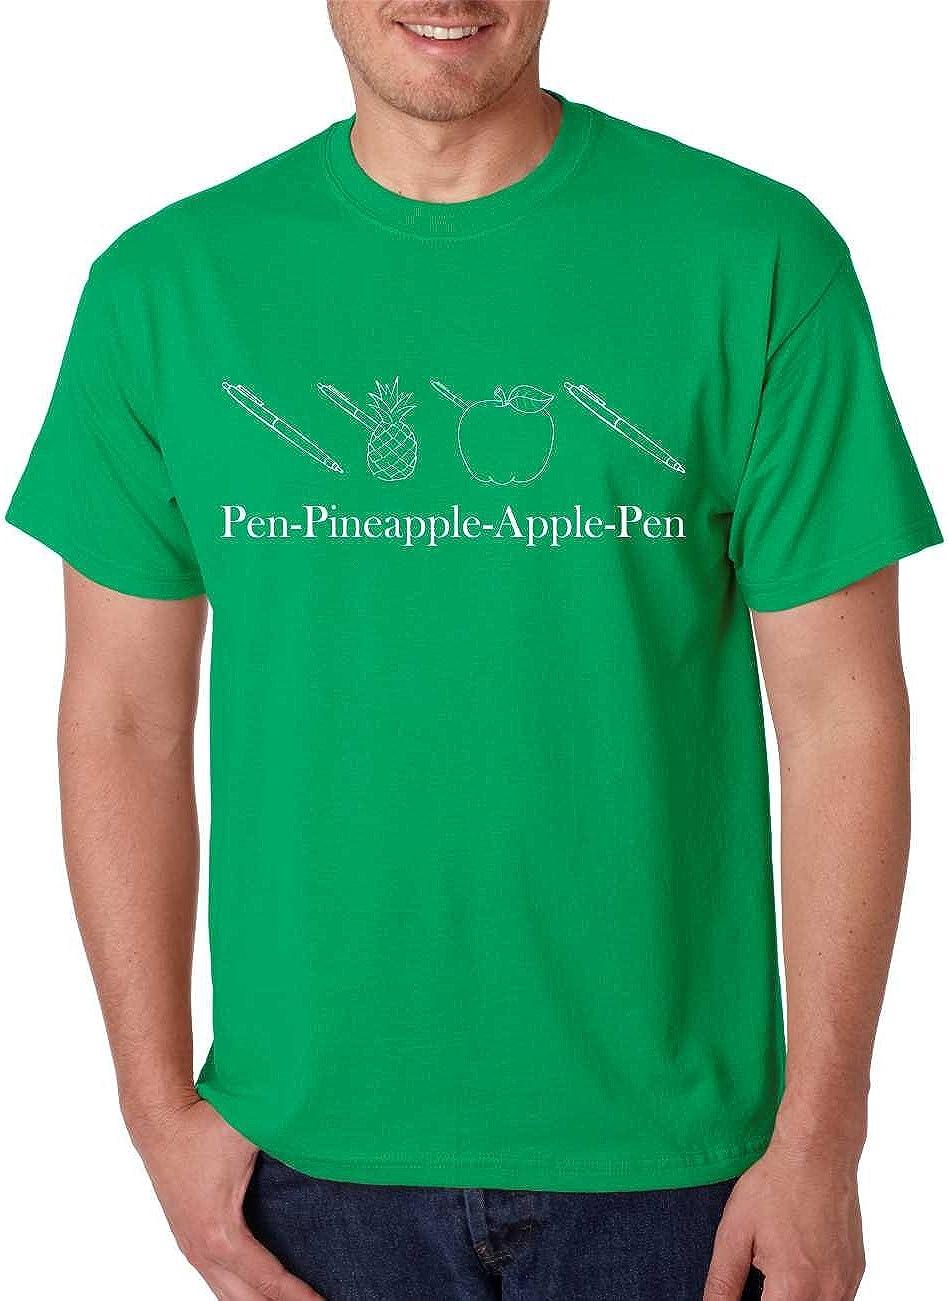 ALLNTRENDS Men's T Shirt Pen Pineapple Apple Pen PPAP CHEE Humor Tee